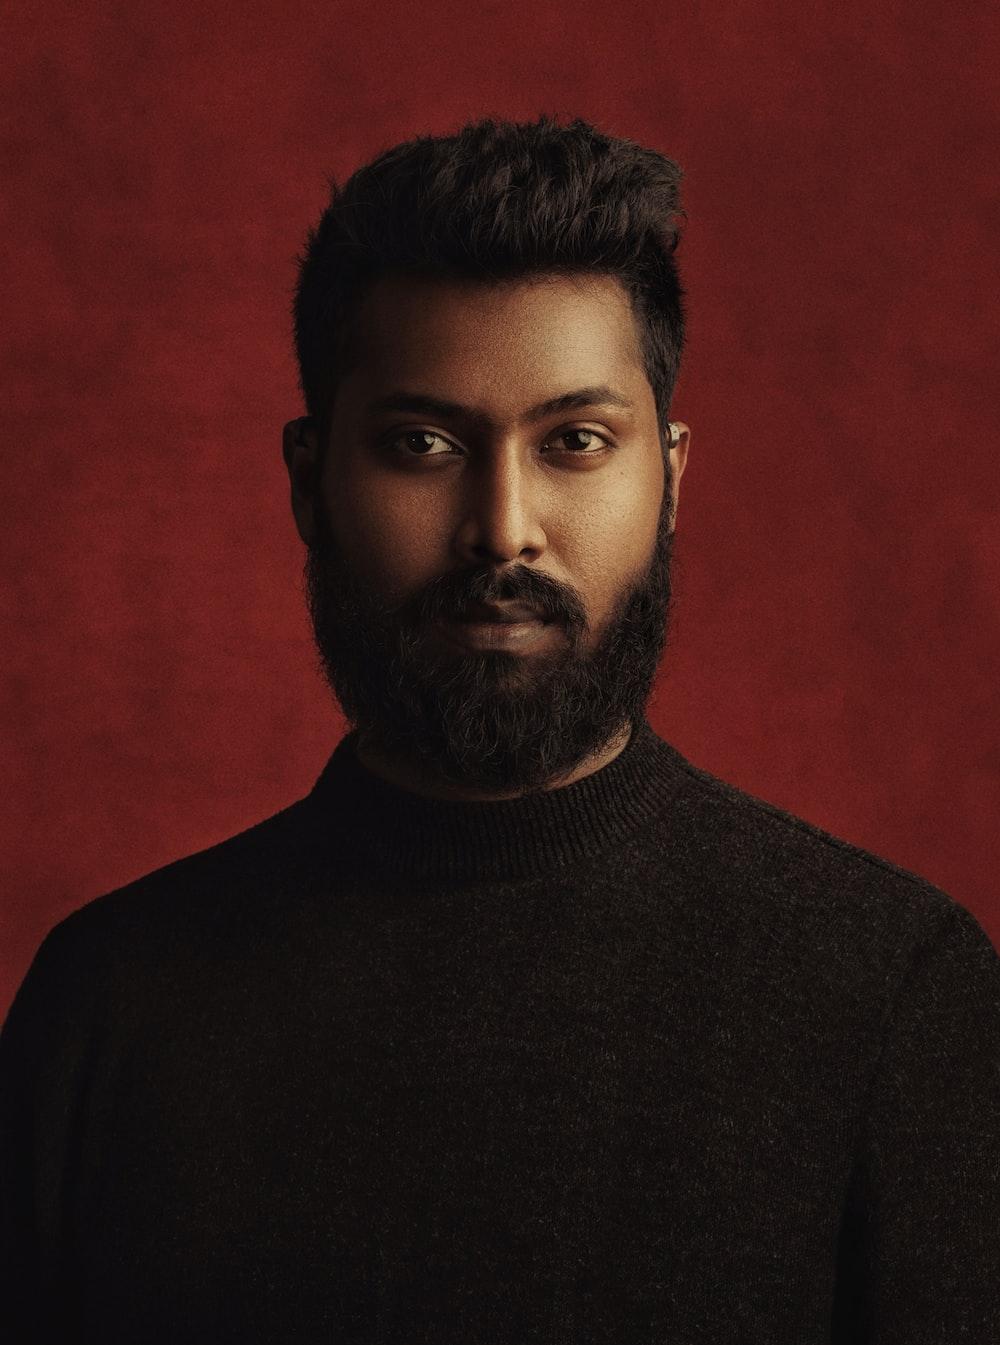 man in black turtleneck shirt